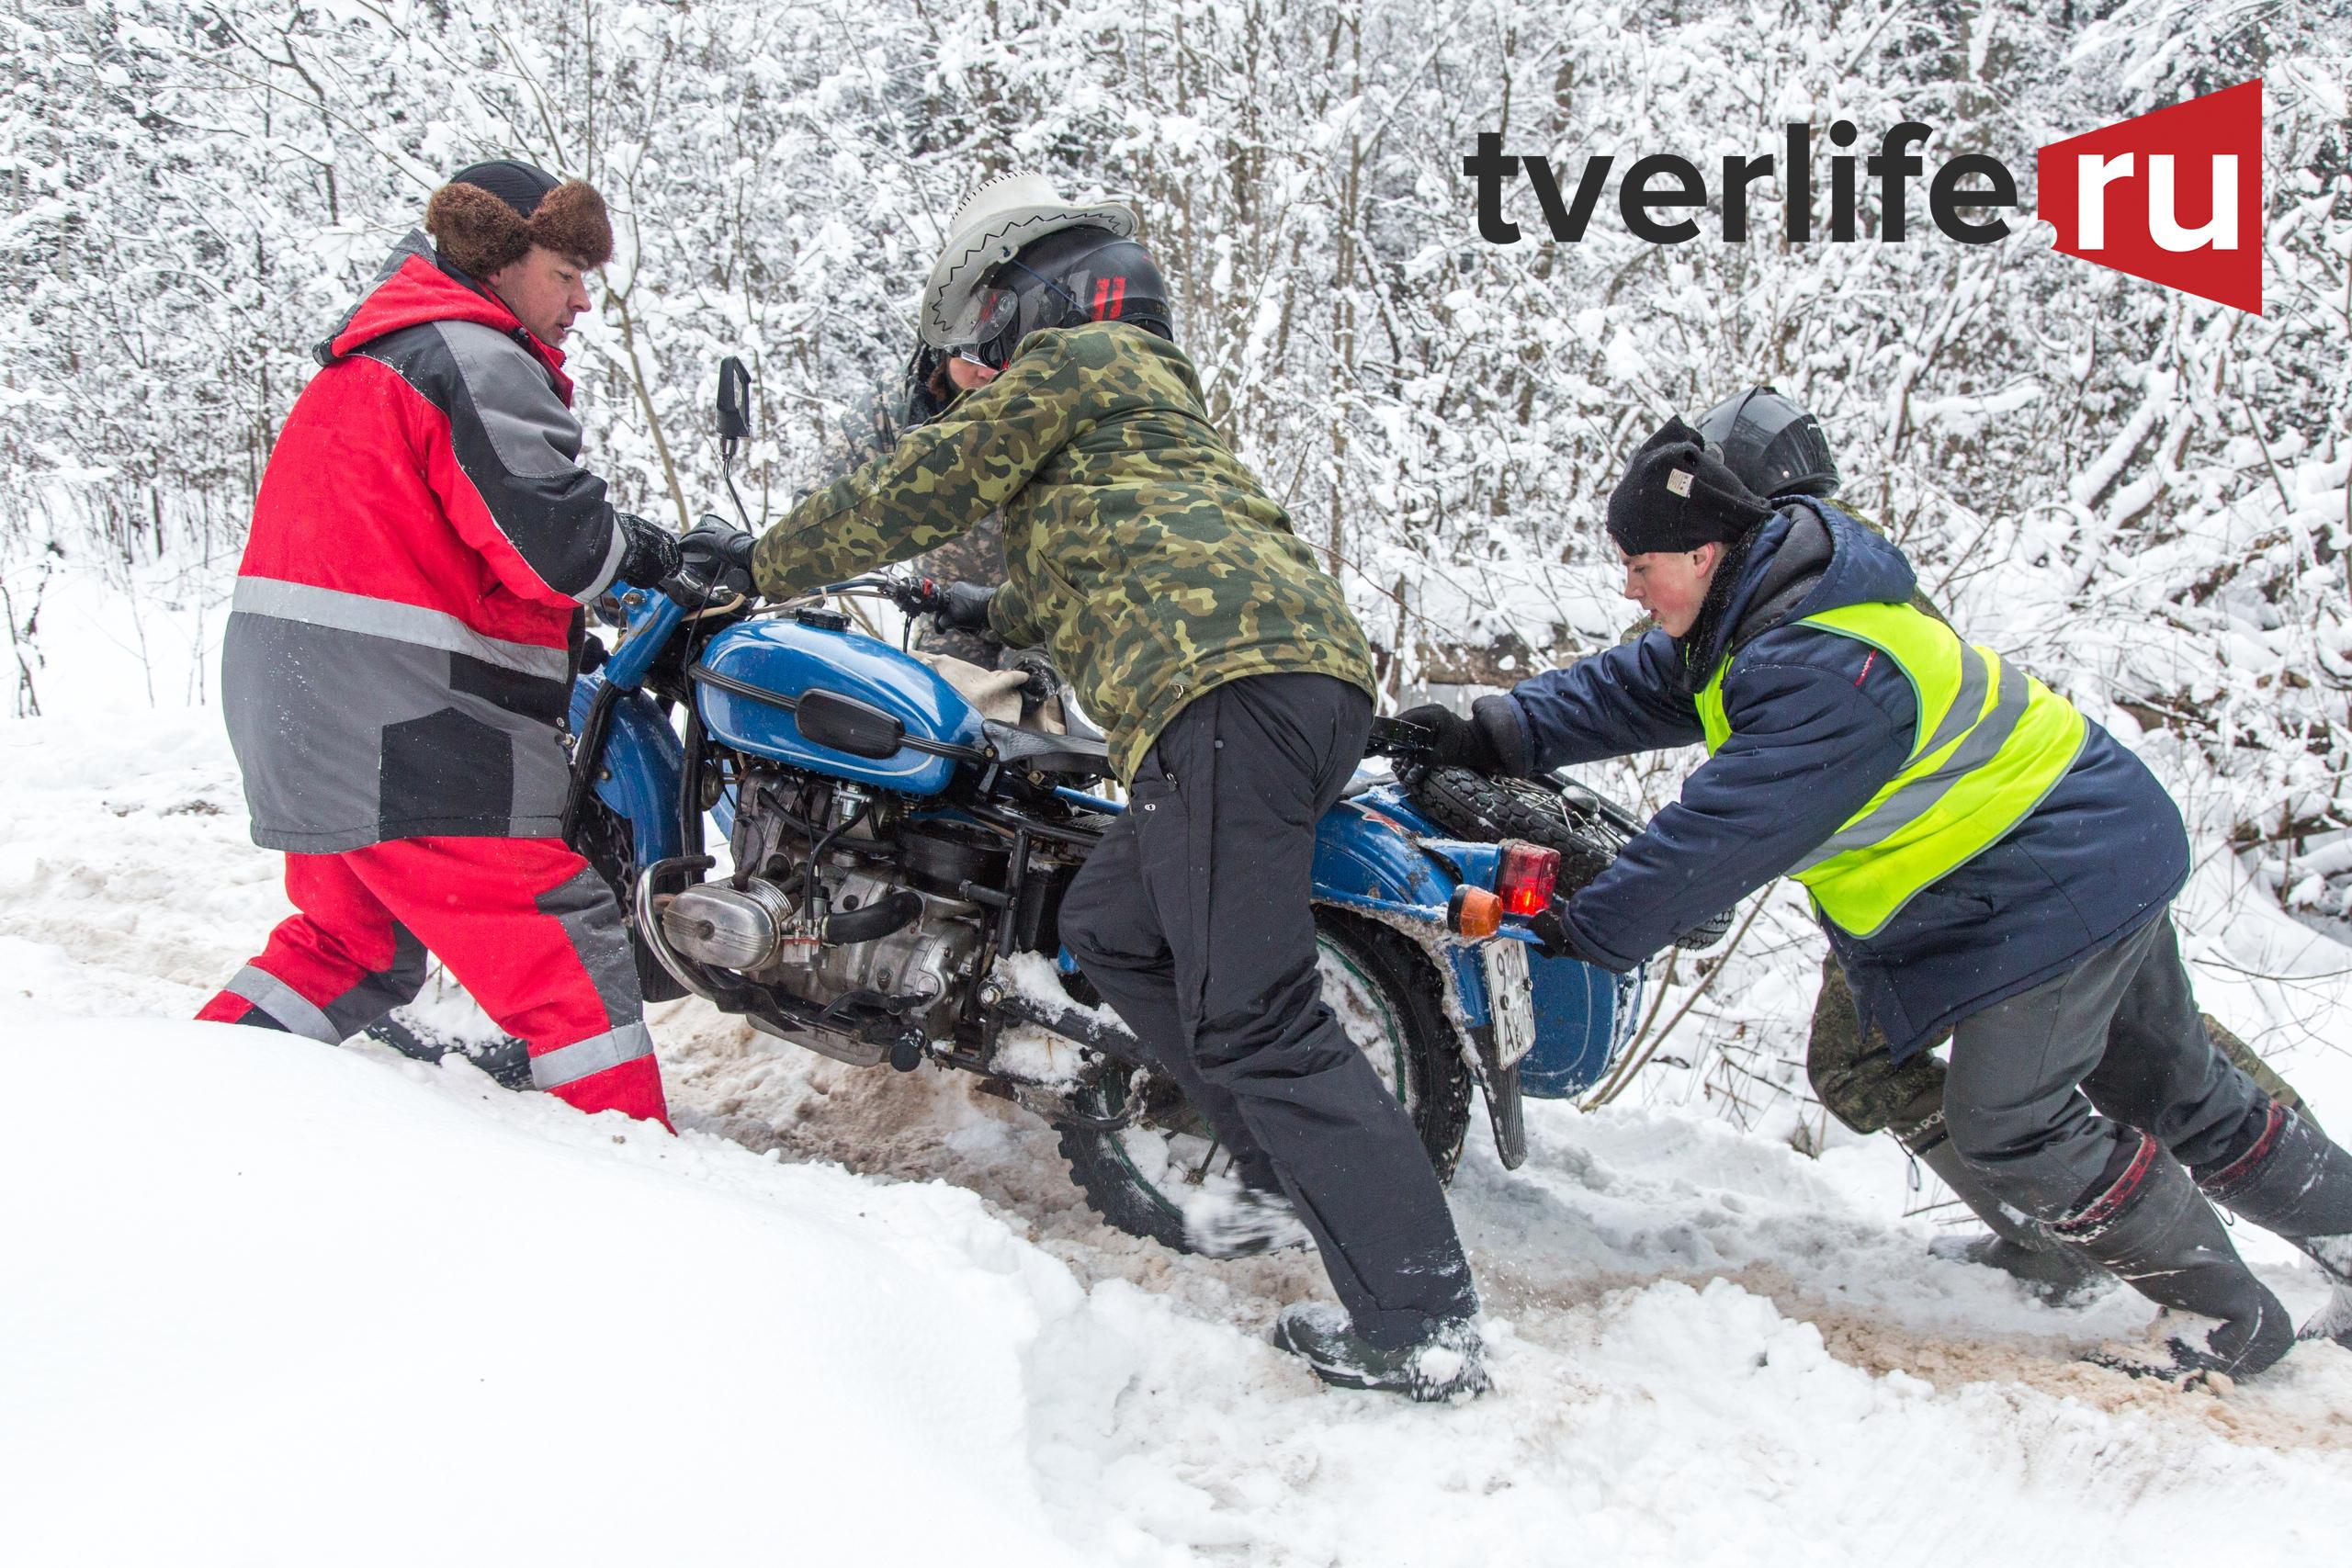 Дедан-7: Приключения мотоциклистов в Тверской области